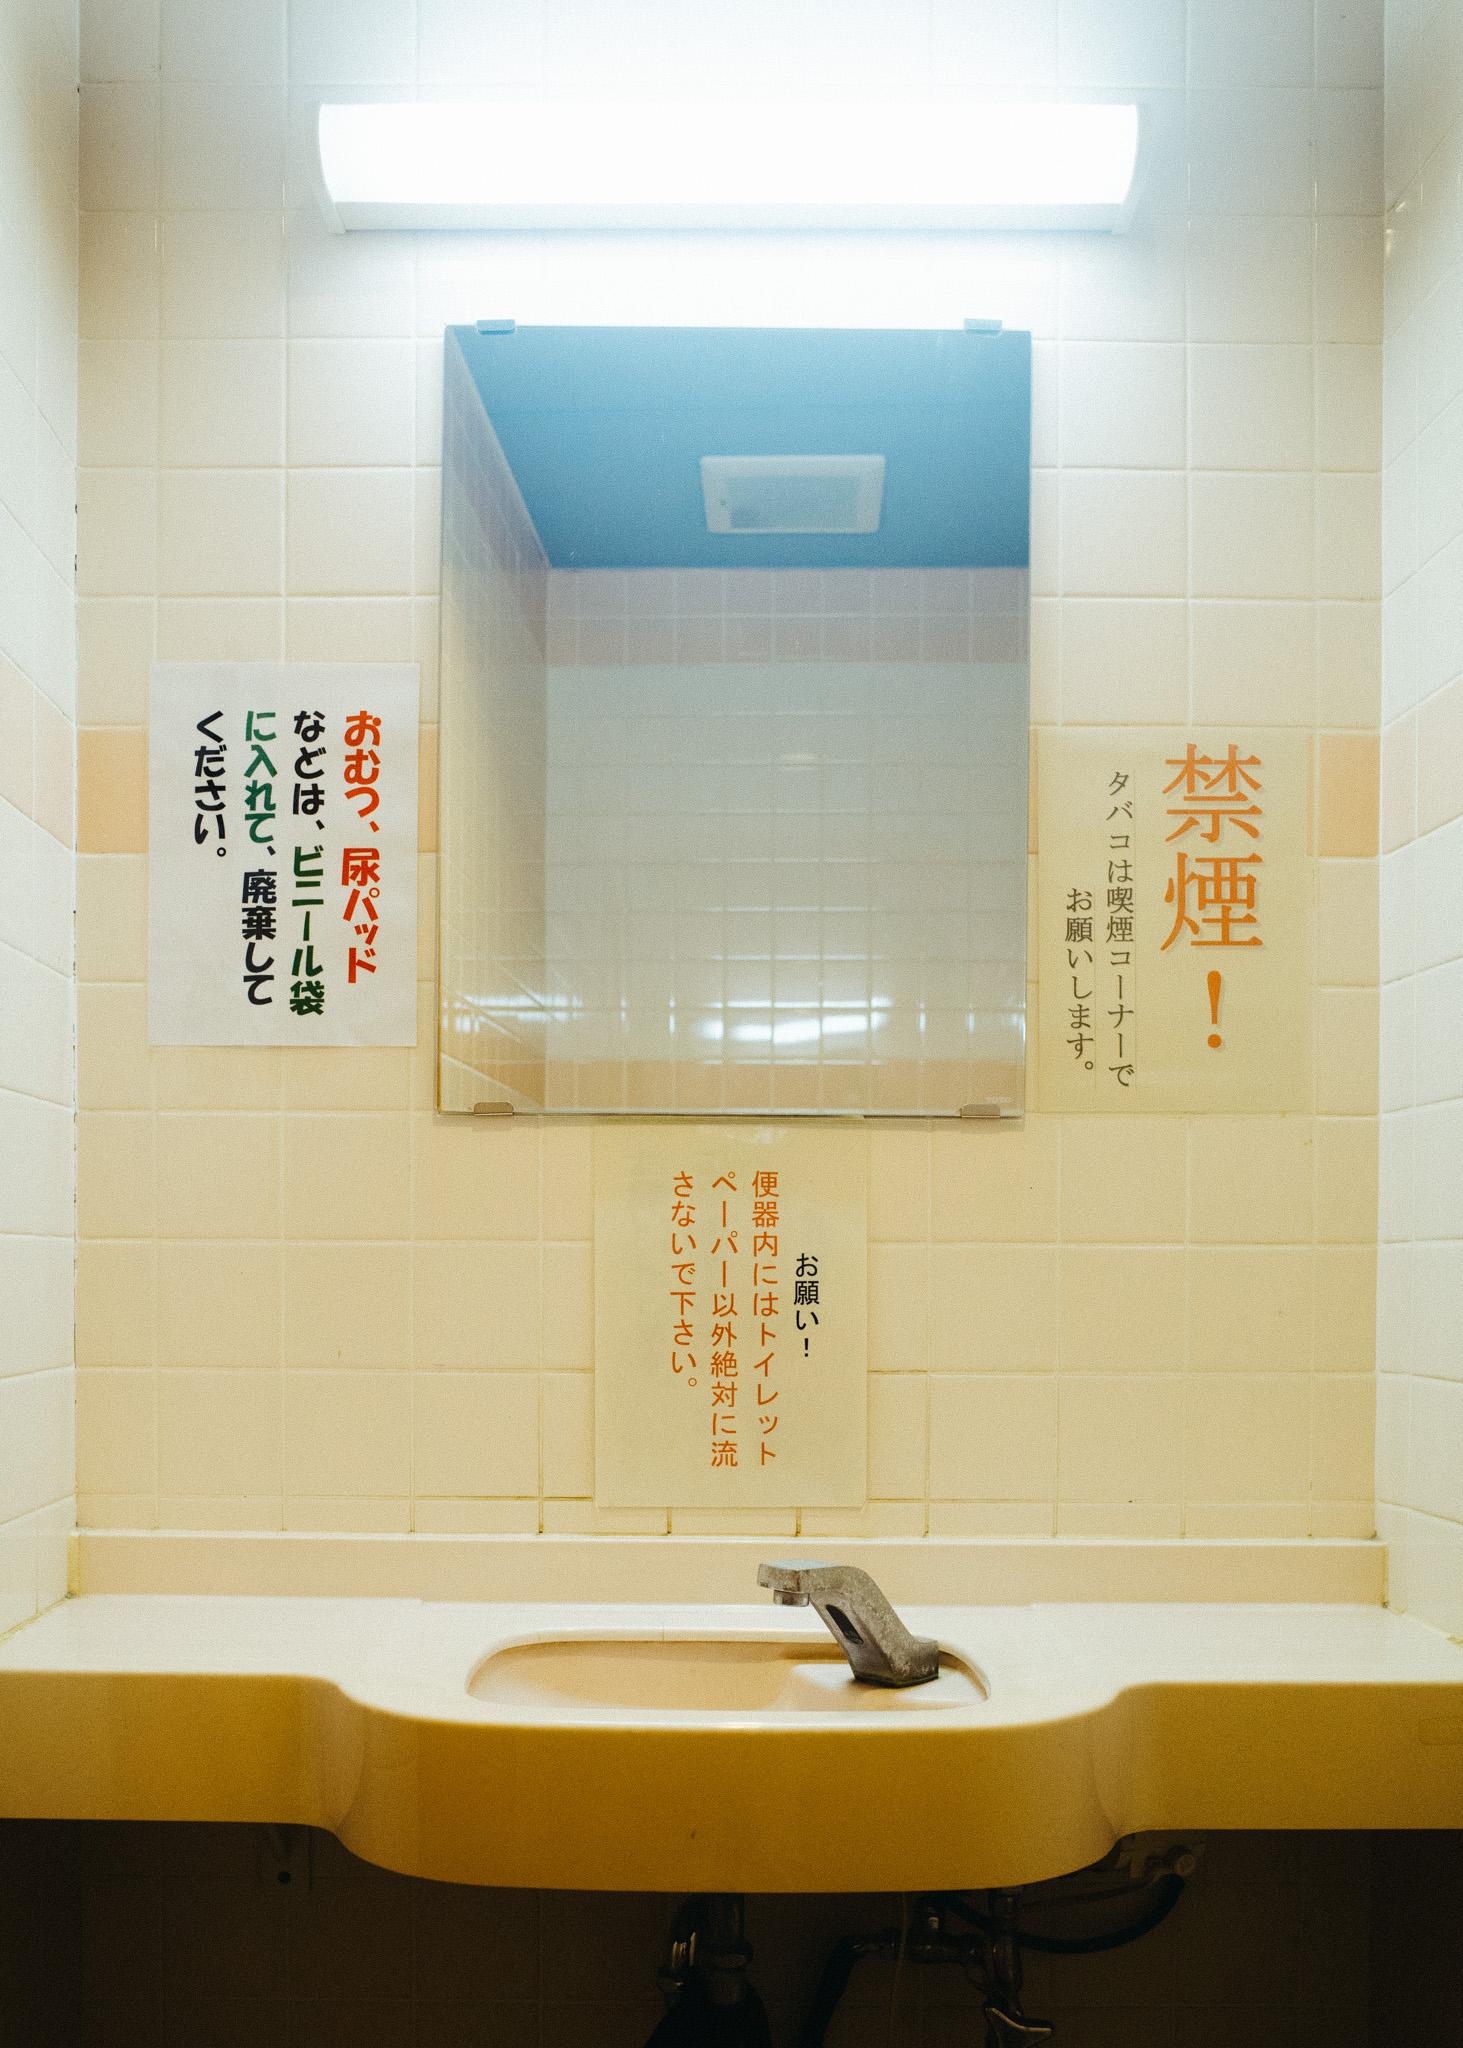 yamabikonoyu toilet